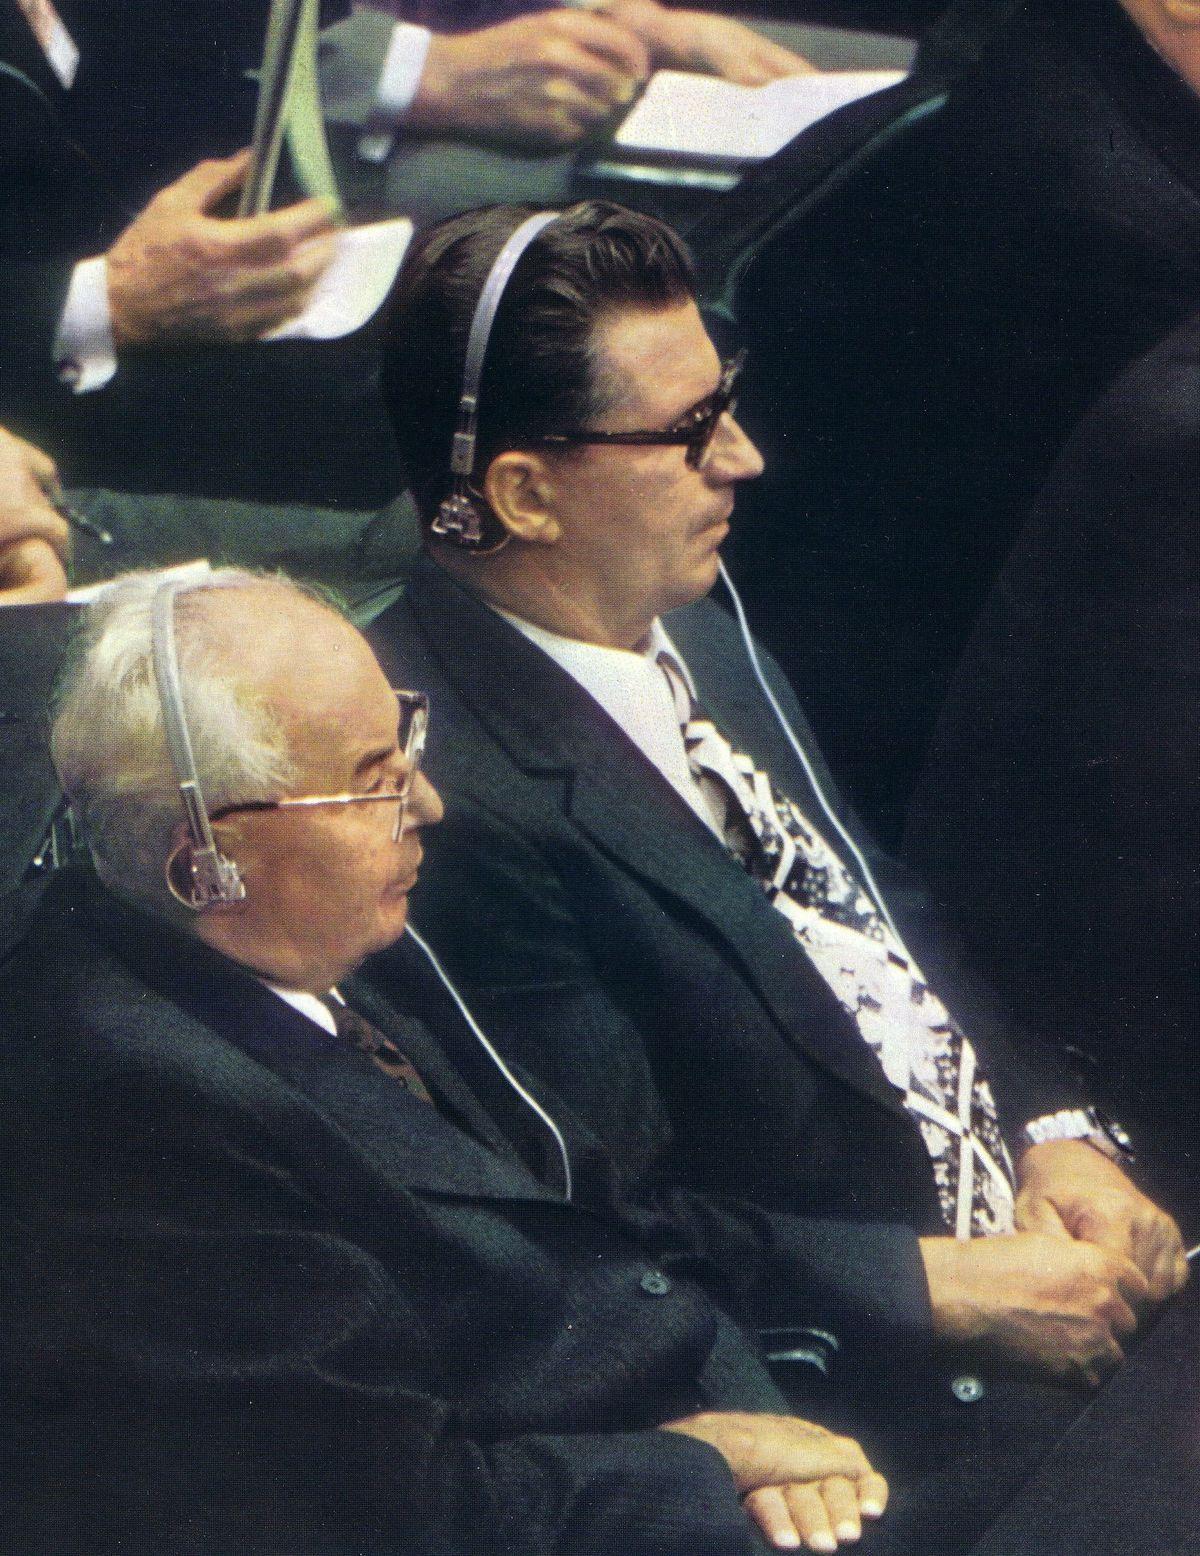 Prezident Gustáv Husák a premiér ČSSR Lubomír Štrougal na Helsinskej konferencii v roku 1975, ktorá znamenala medzník v boji za ľudské práva.